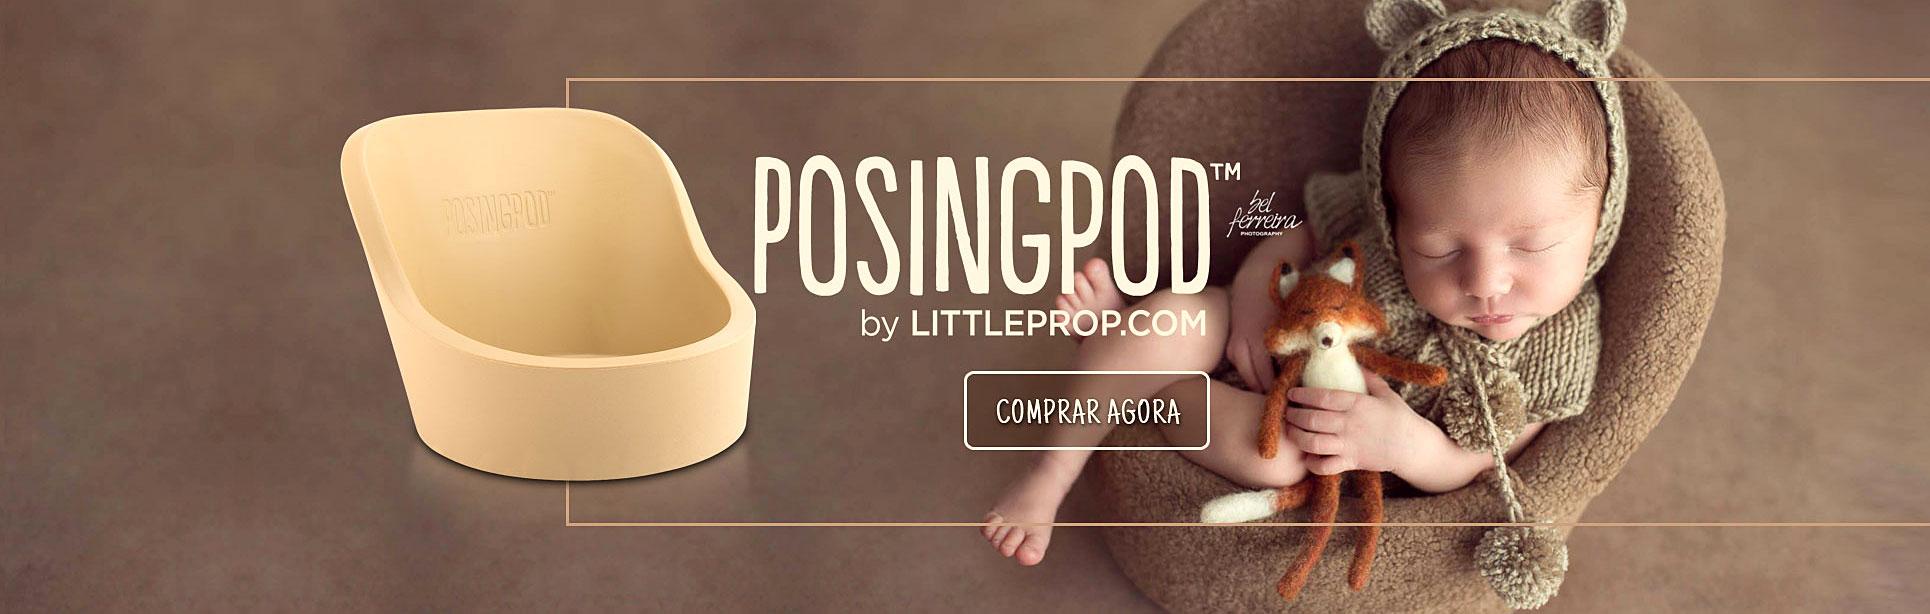 Posing Pod